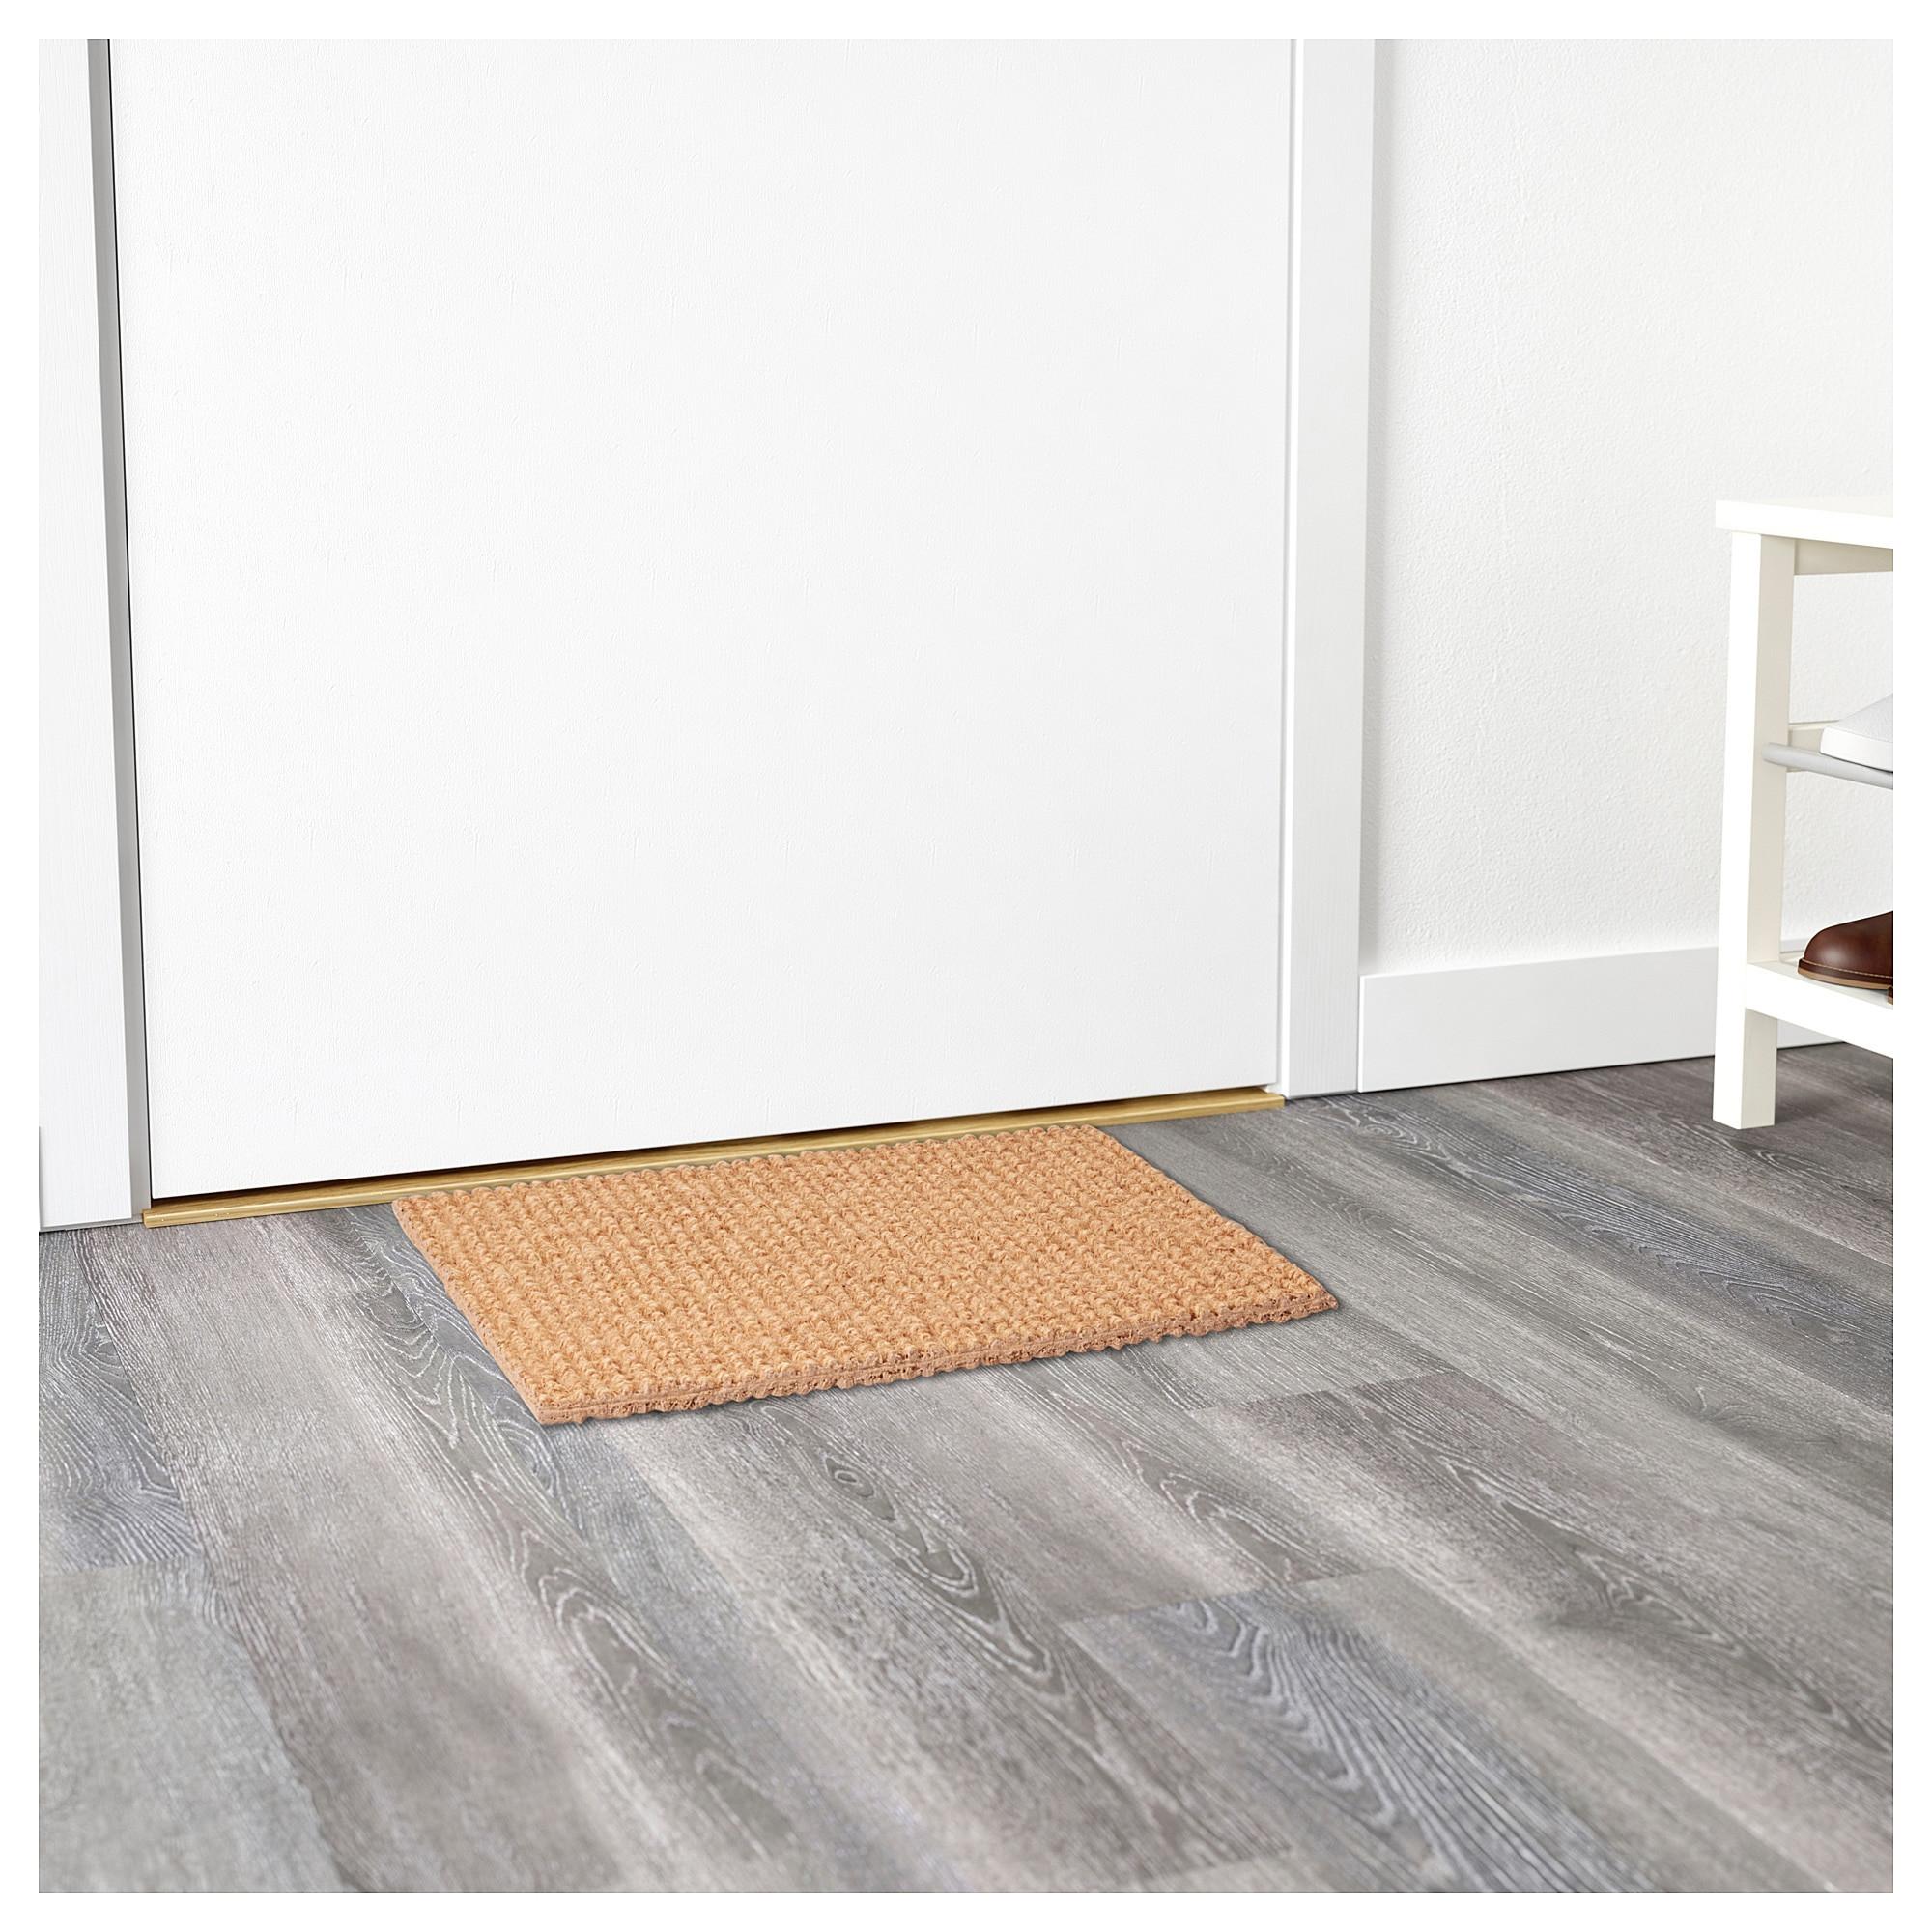 memphis hardwood flooring company of sondrup door mat ikea regarding 0581423 pe670516 s5 jpg